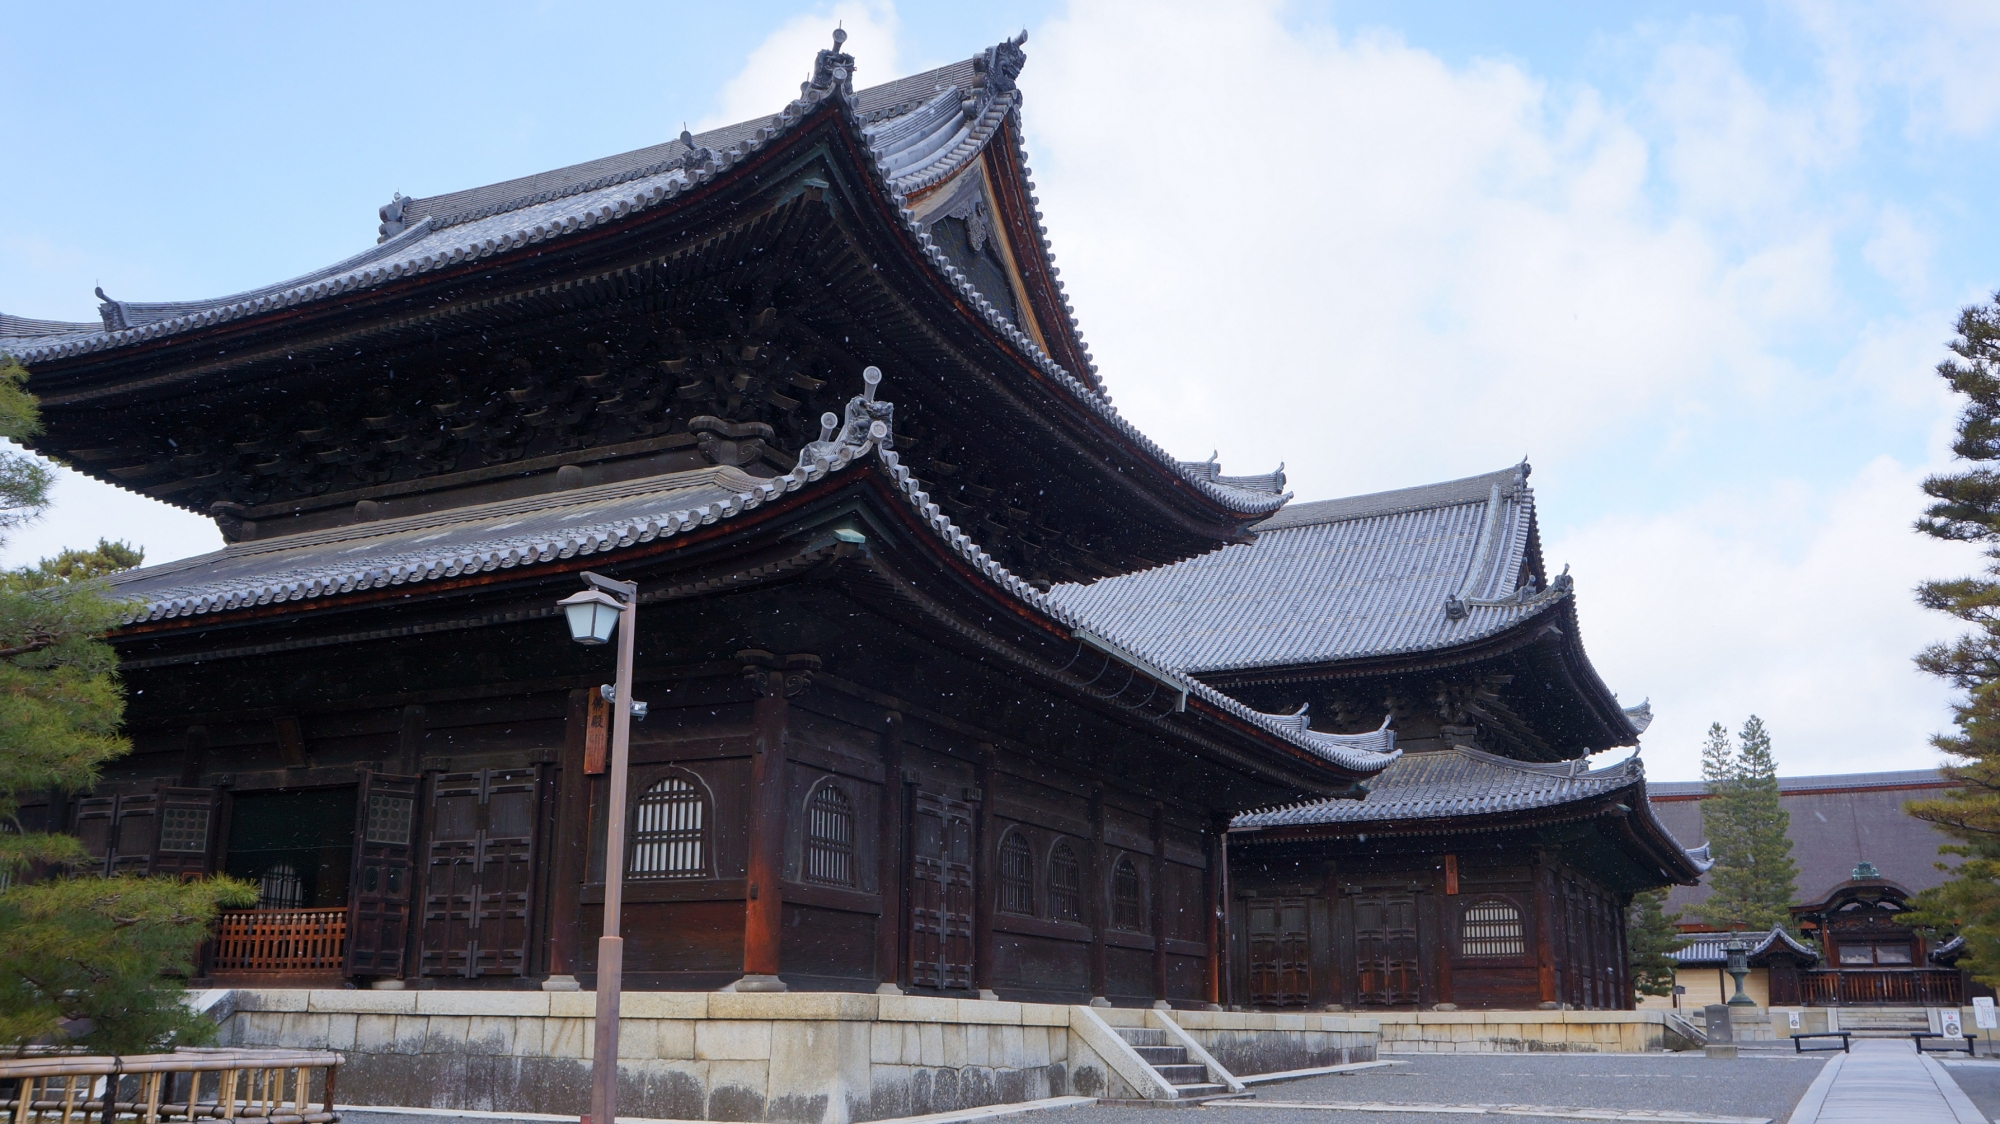 妙心寺の壮大な仏殿と法堂